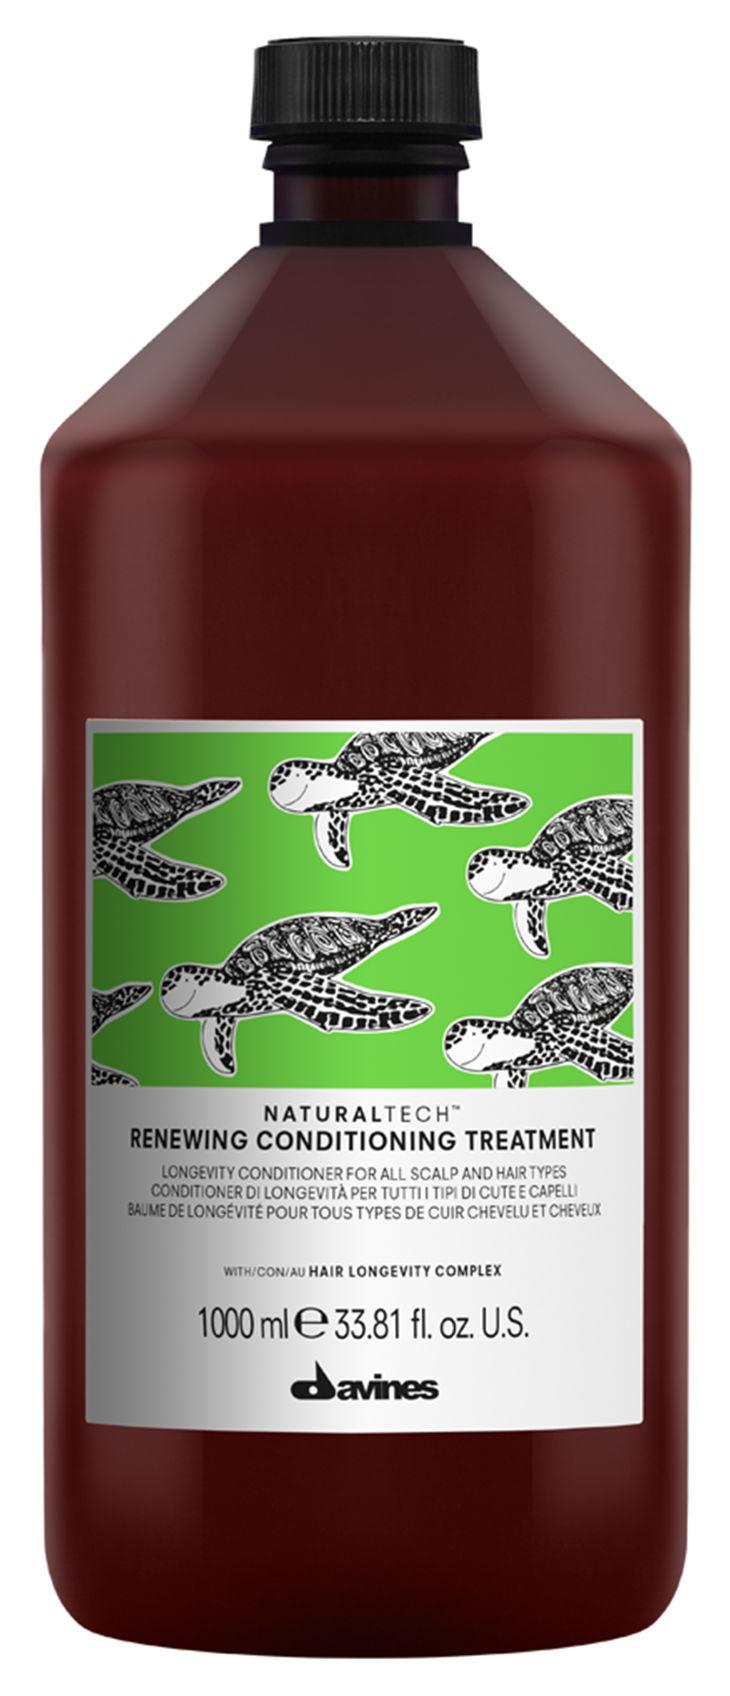 Купить Кондиционер для волос Davines New Natural Tech Renewing Conditioning Treatment 1 л